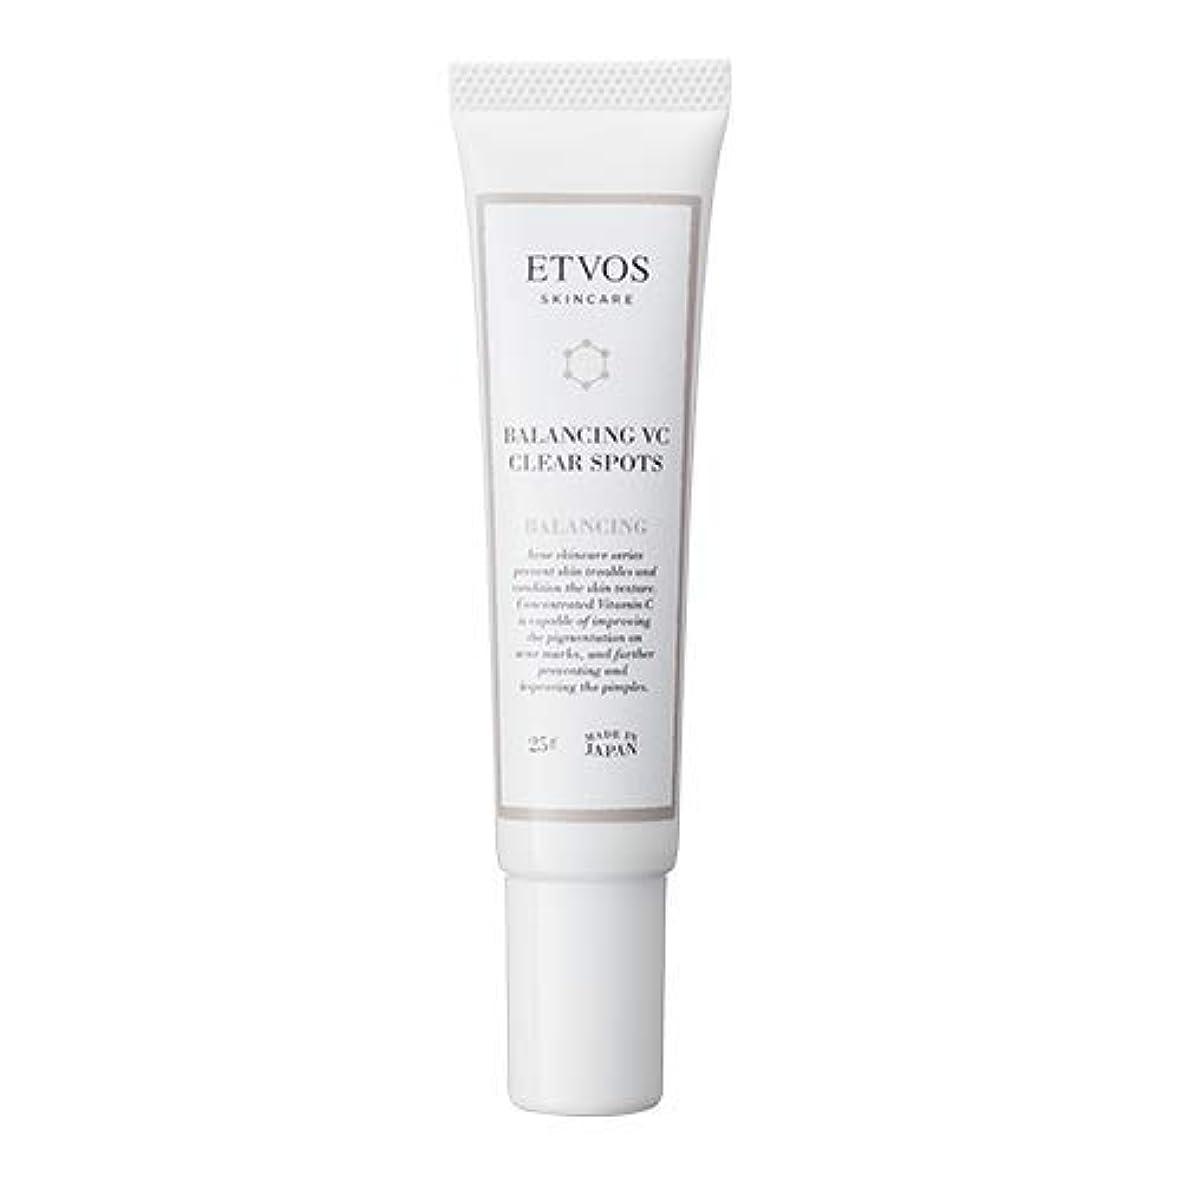 合意金額日常的にETVOS(エトヴォス) 肌荒れ防止美容液 バランシングVCクリアスポッツ 25g アゼライン酸 おでこ/あご/頭皮